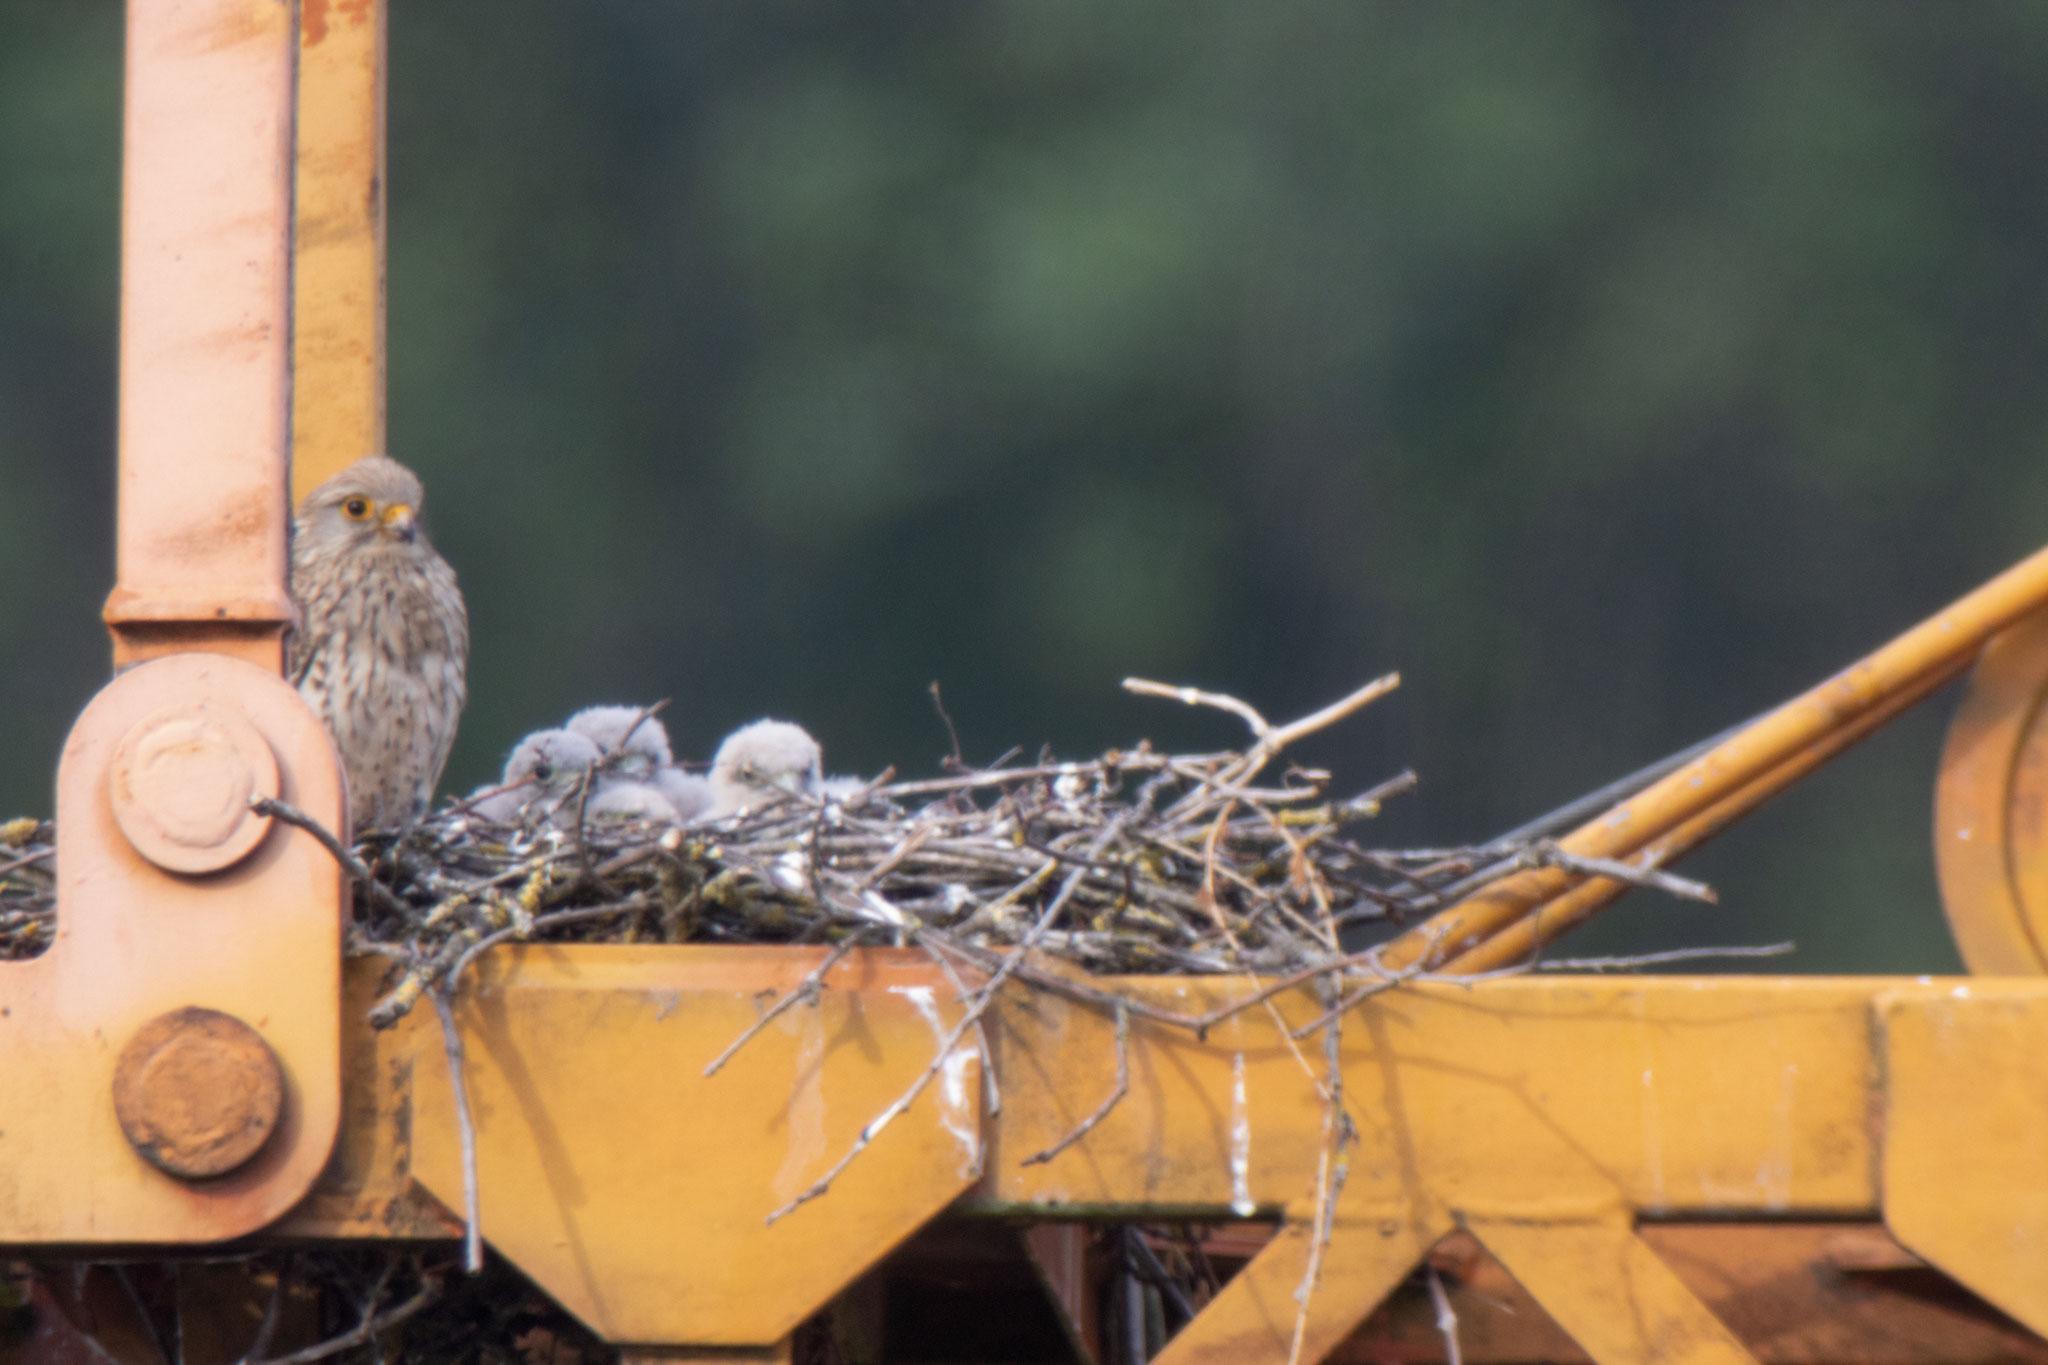 Vier Jungvögel im Nest am 08.06.20 (Foto: B. Budig)